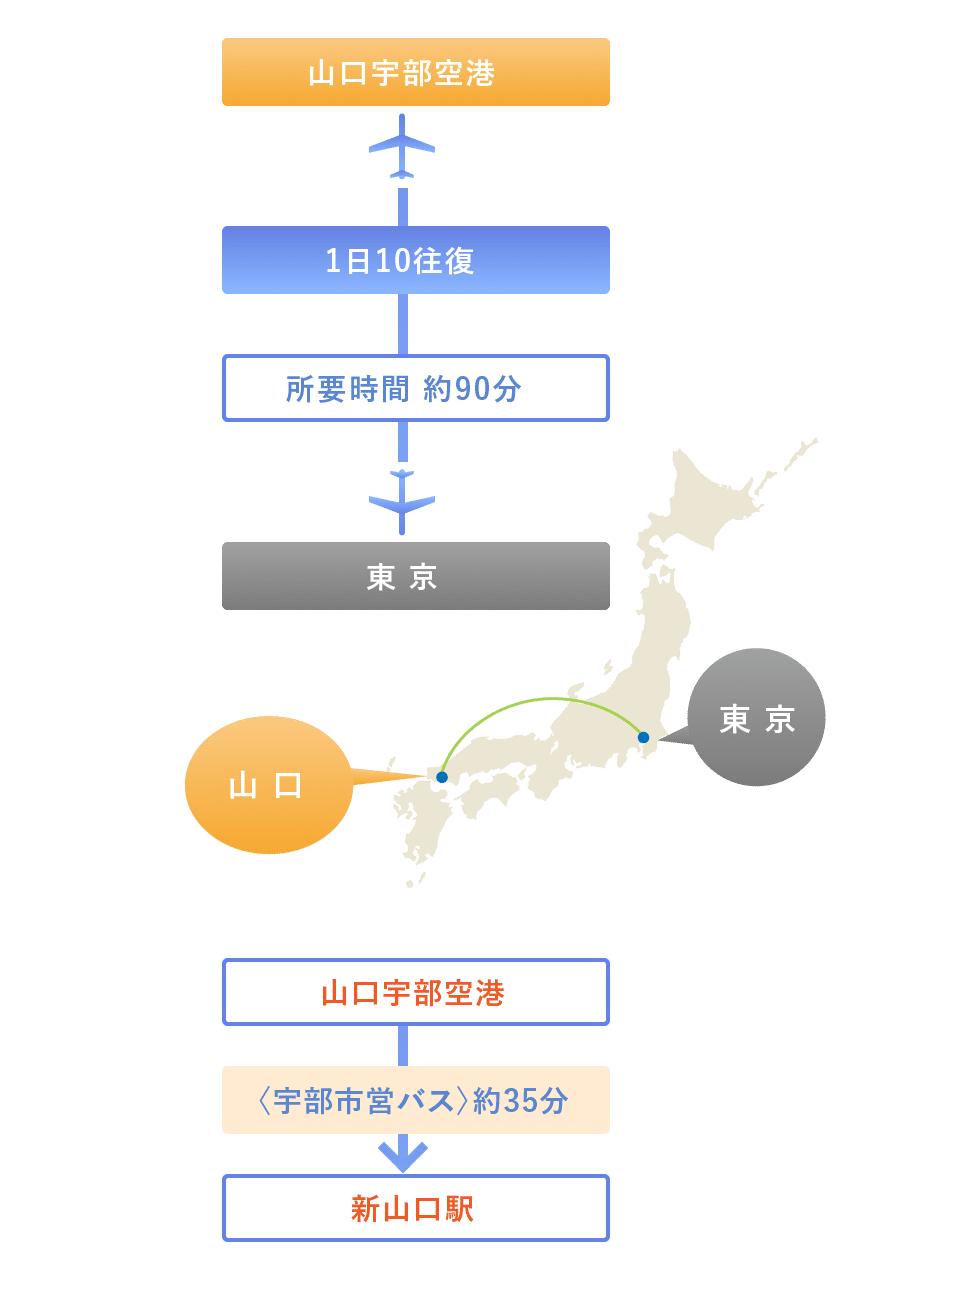 山口 湯田 駅 駅 温泉 から 新